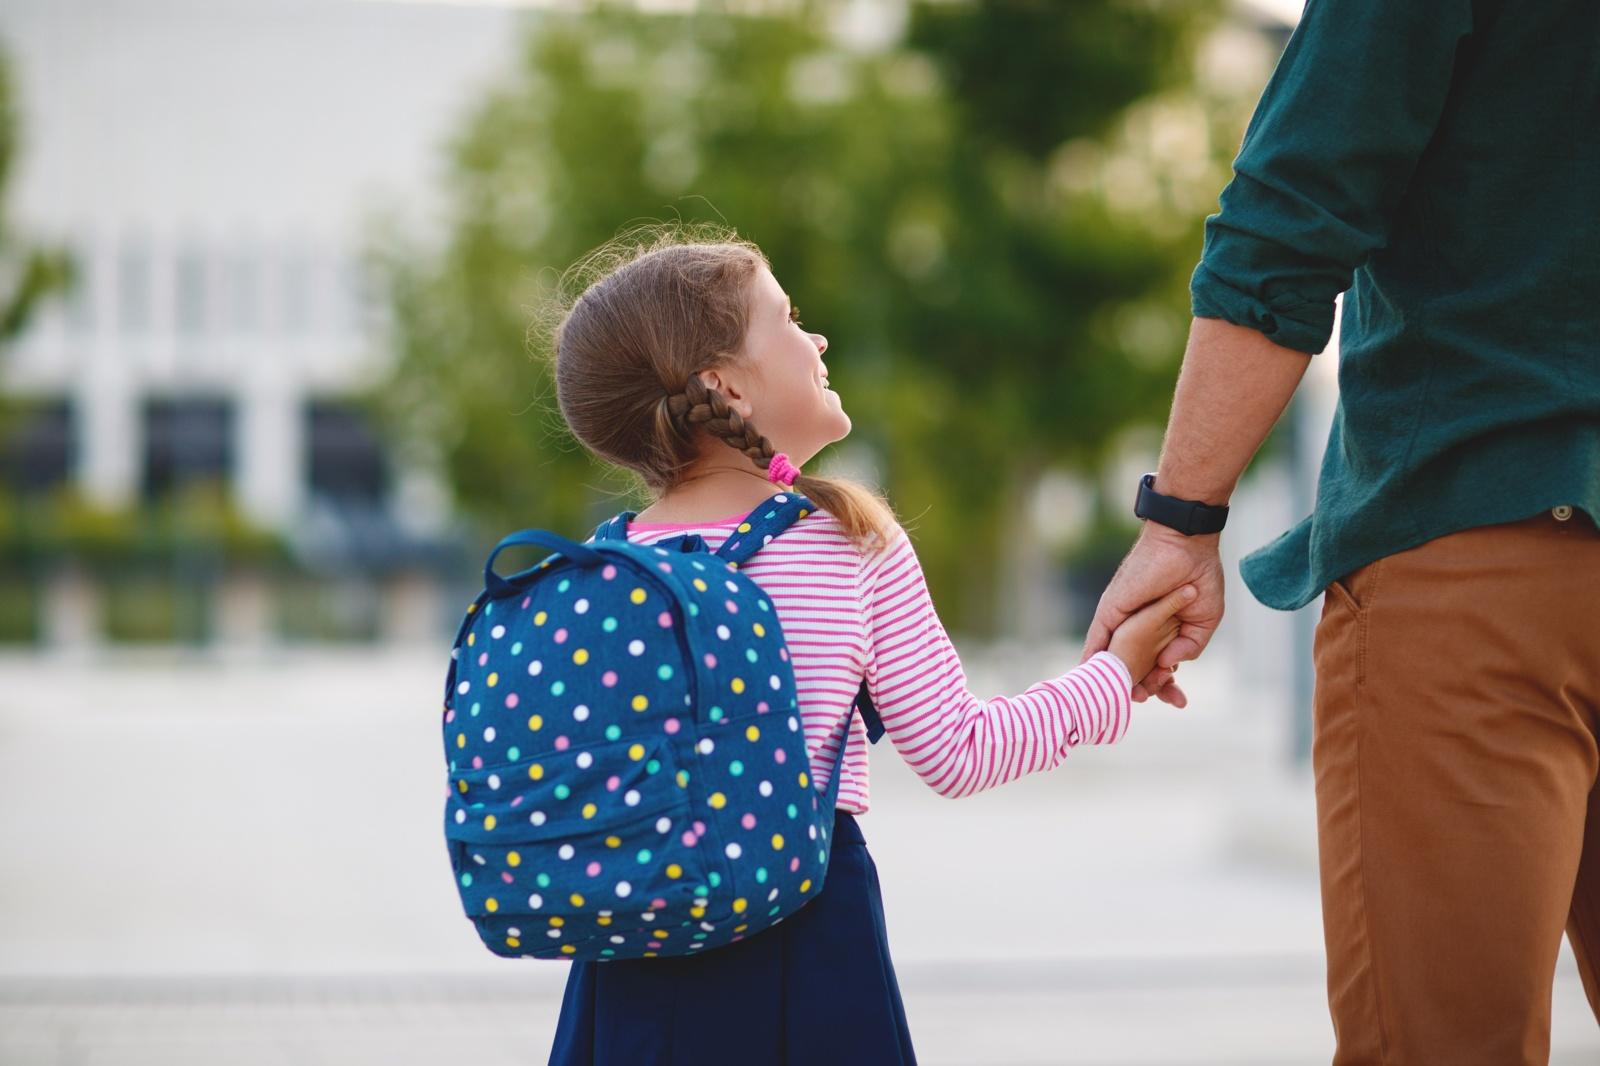 Ruošiamės mokyklai: vaikų psichiatras patarė, kaip protingai suplanuoti mokinio krepšelį ir nuteikti mokyklinuką